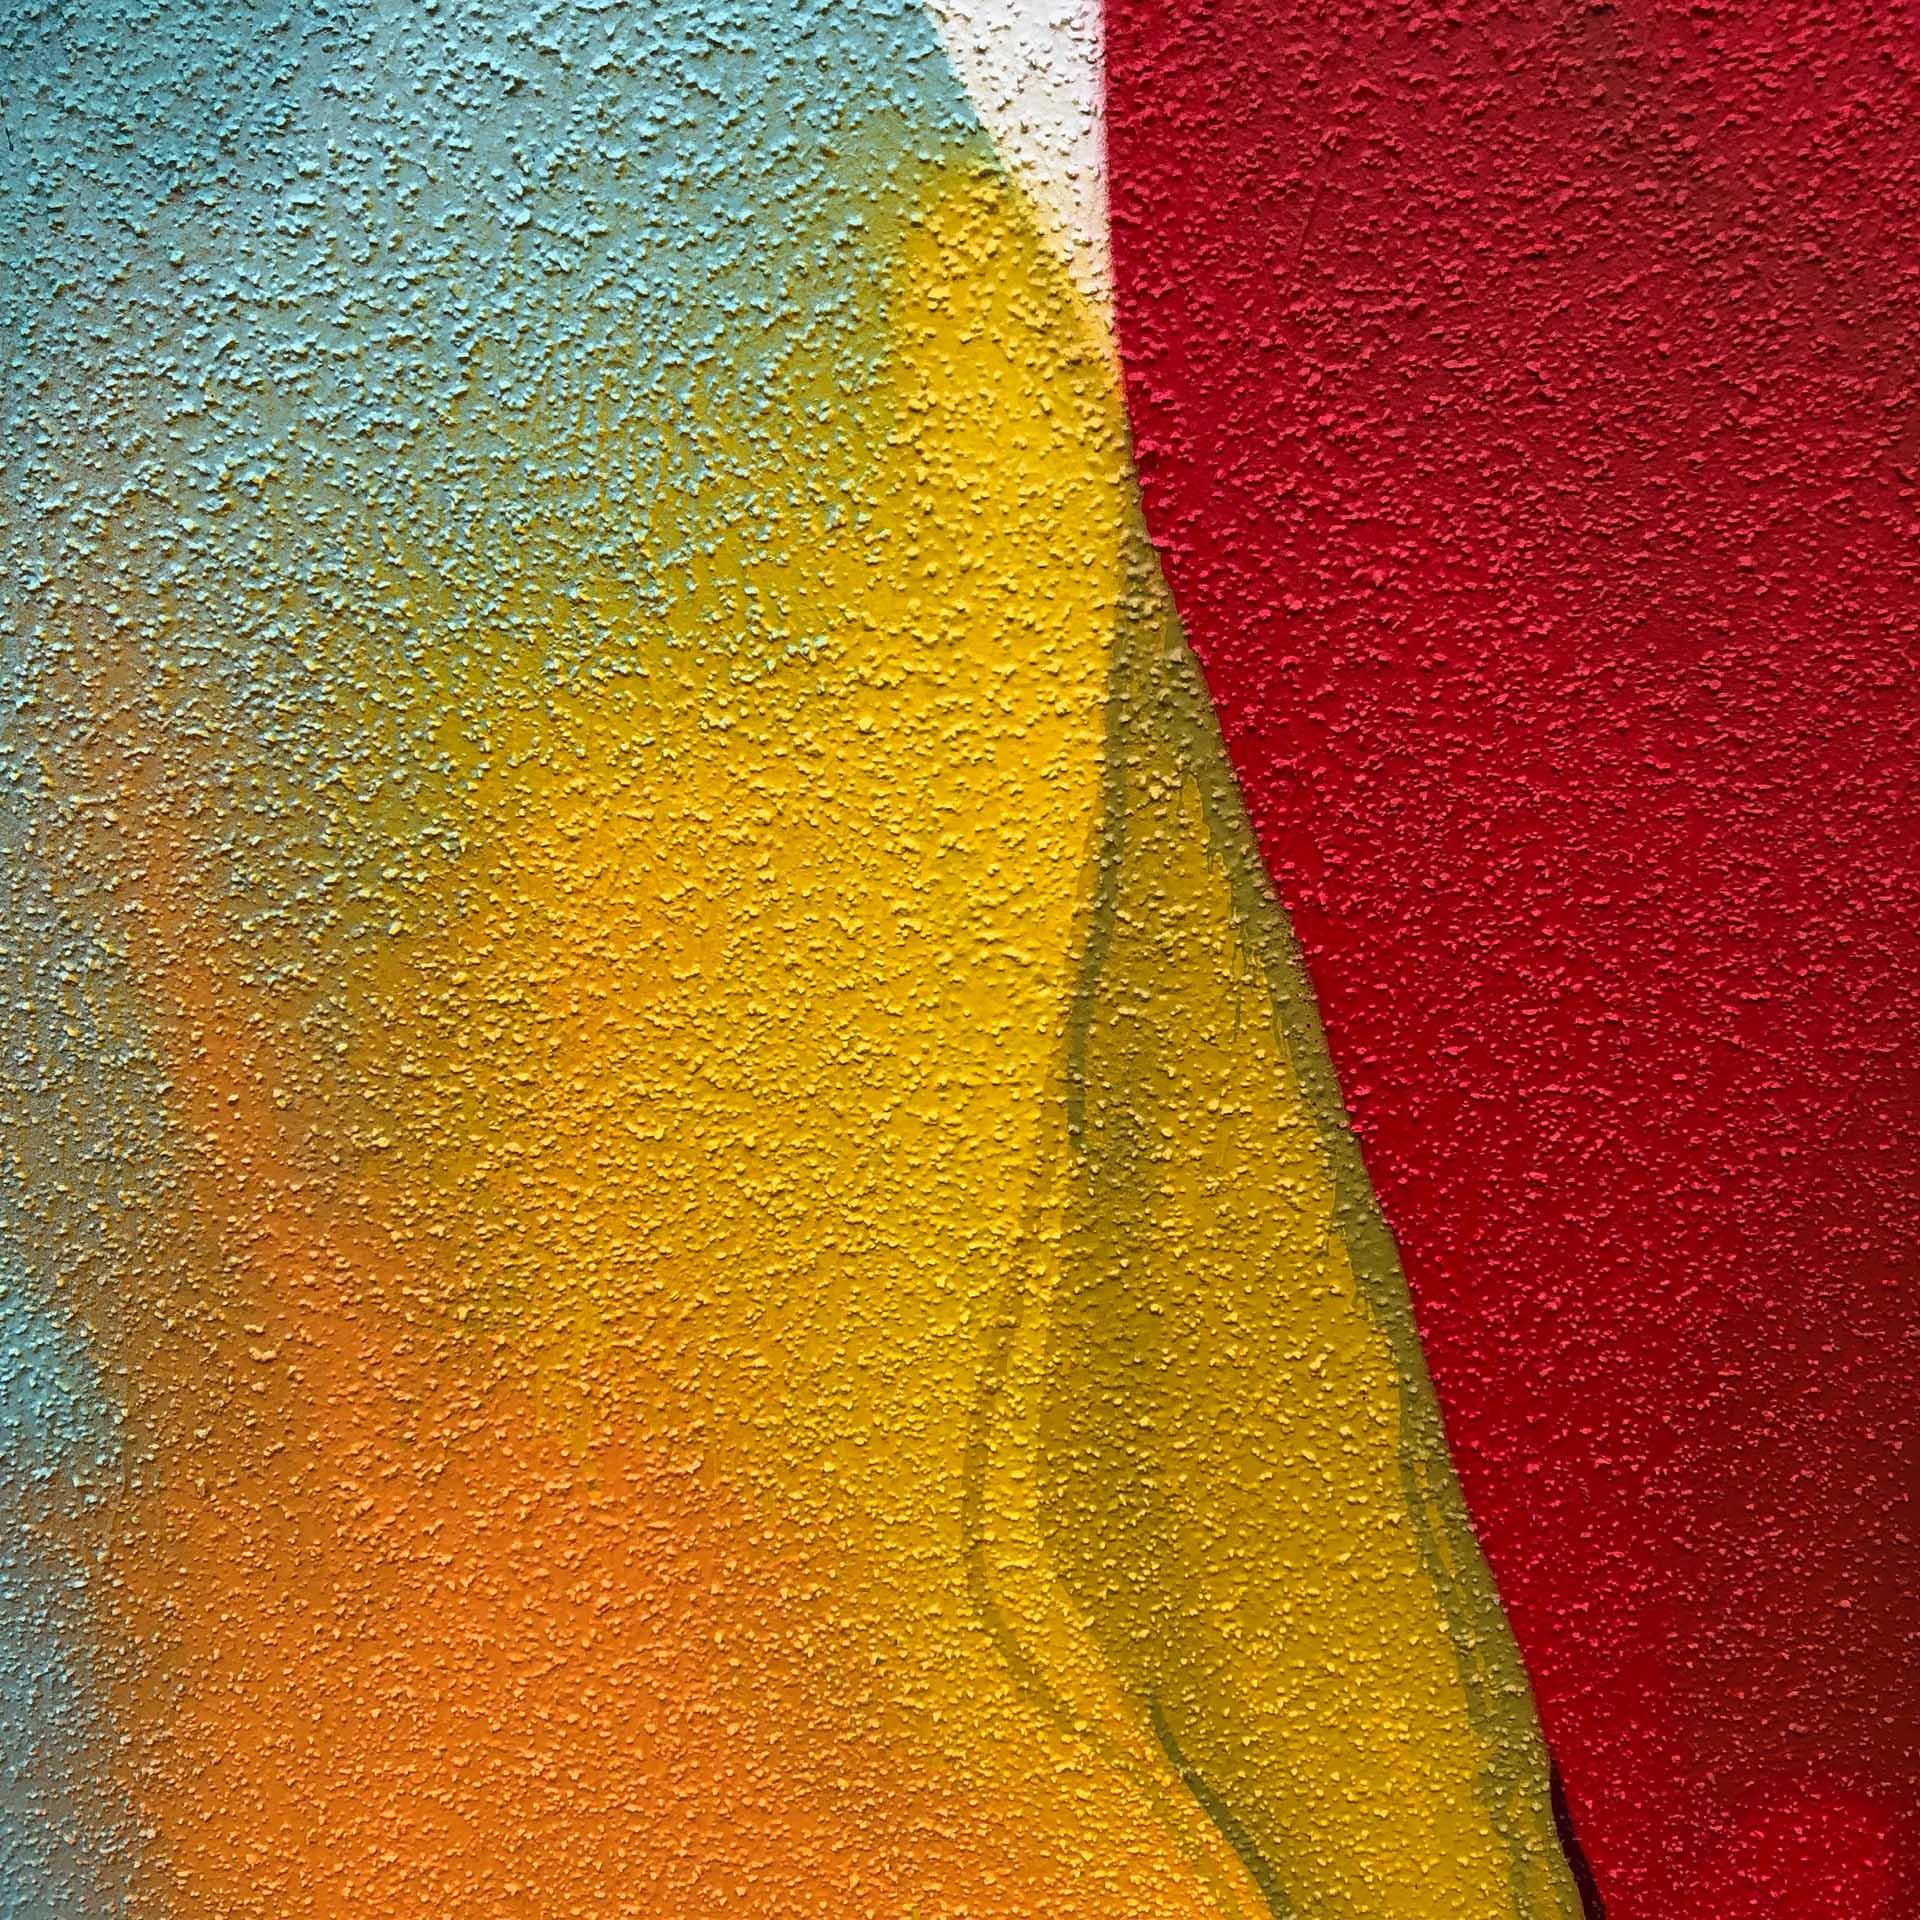 Aquarell-Graffiti, Graffiti, Aquarell, Design, Wand, Münster, Figuren, Sprayen, Bennet Grüttner, Studio Auckz